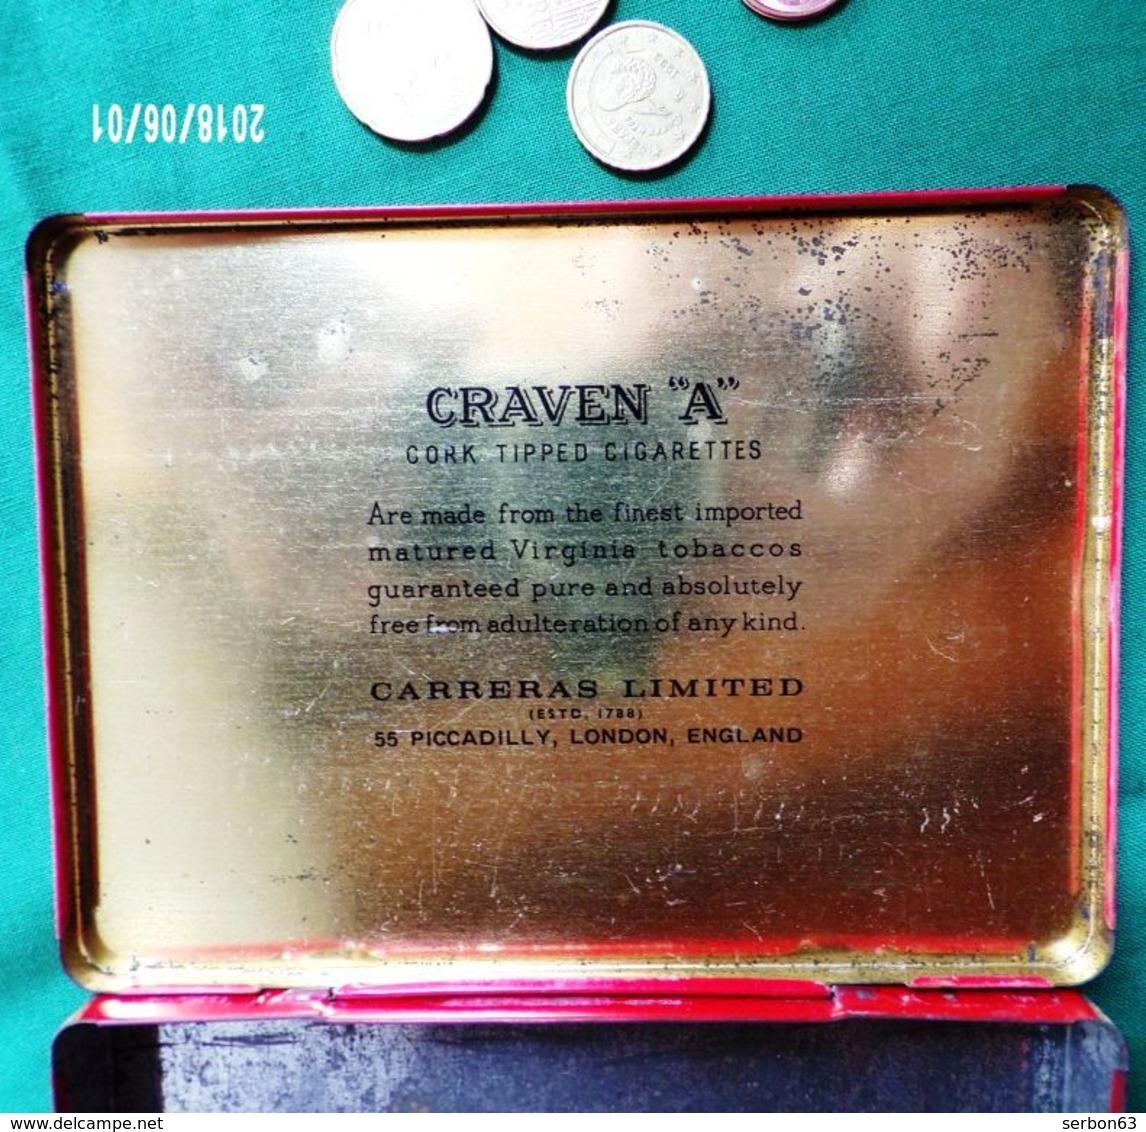 CRAVEN A  CORK - TIPPED BOITE MÉTALLIQUE TRÈS USAGÉE PUBLICITAIRE CIGARETTES VIDE TABAC VERS 1980 ? PUBLICITÉ - Serbon63 - Boites à Tabac Vides